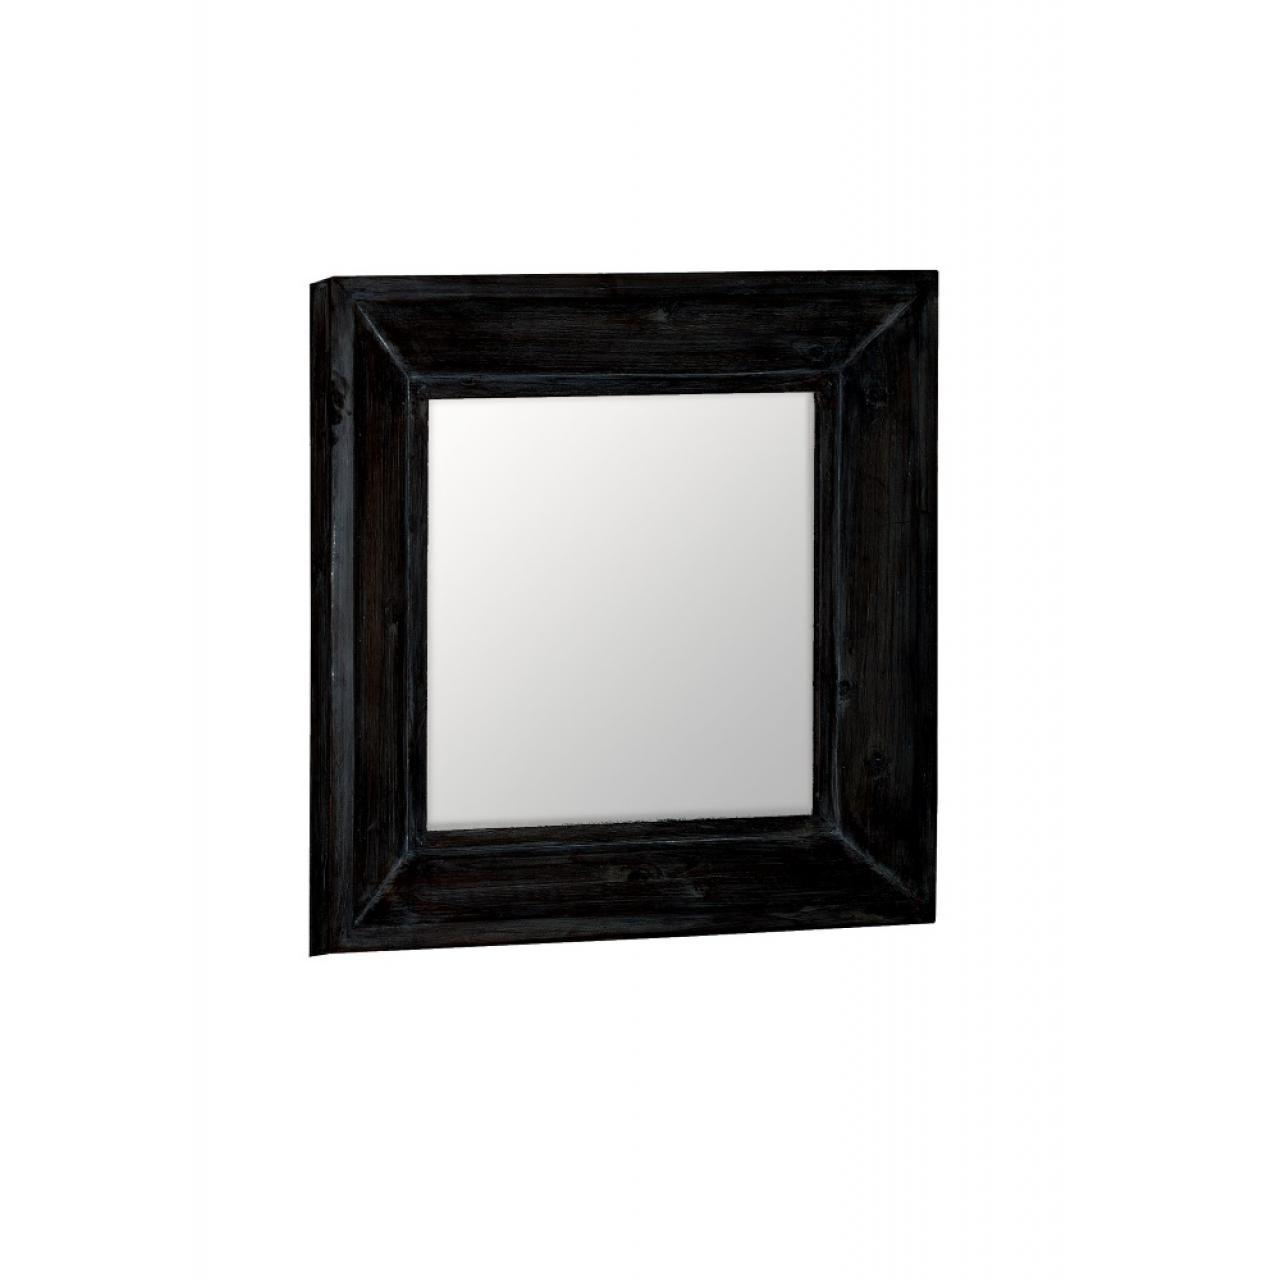 Spiegel Reflection 66328 schwarz tanne teilmassiv Wandspiegel Hängespiegel